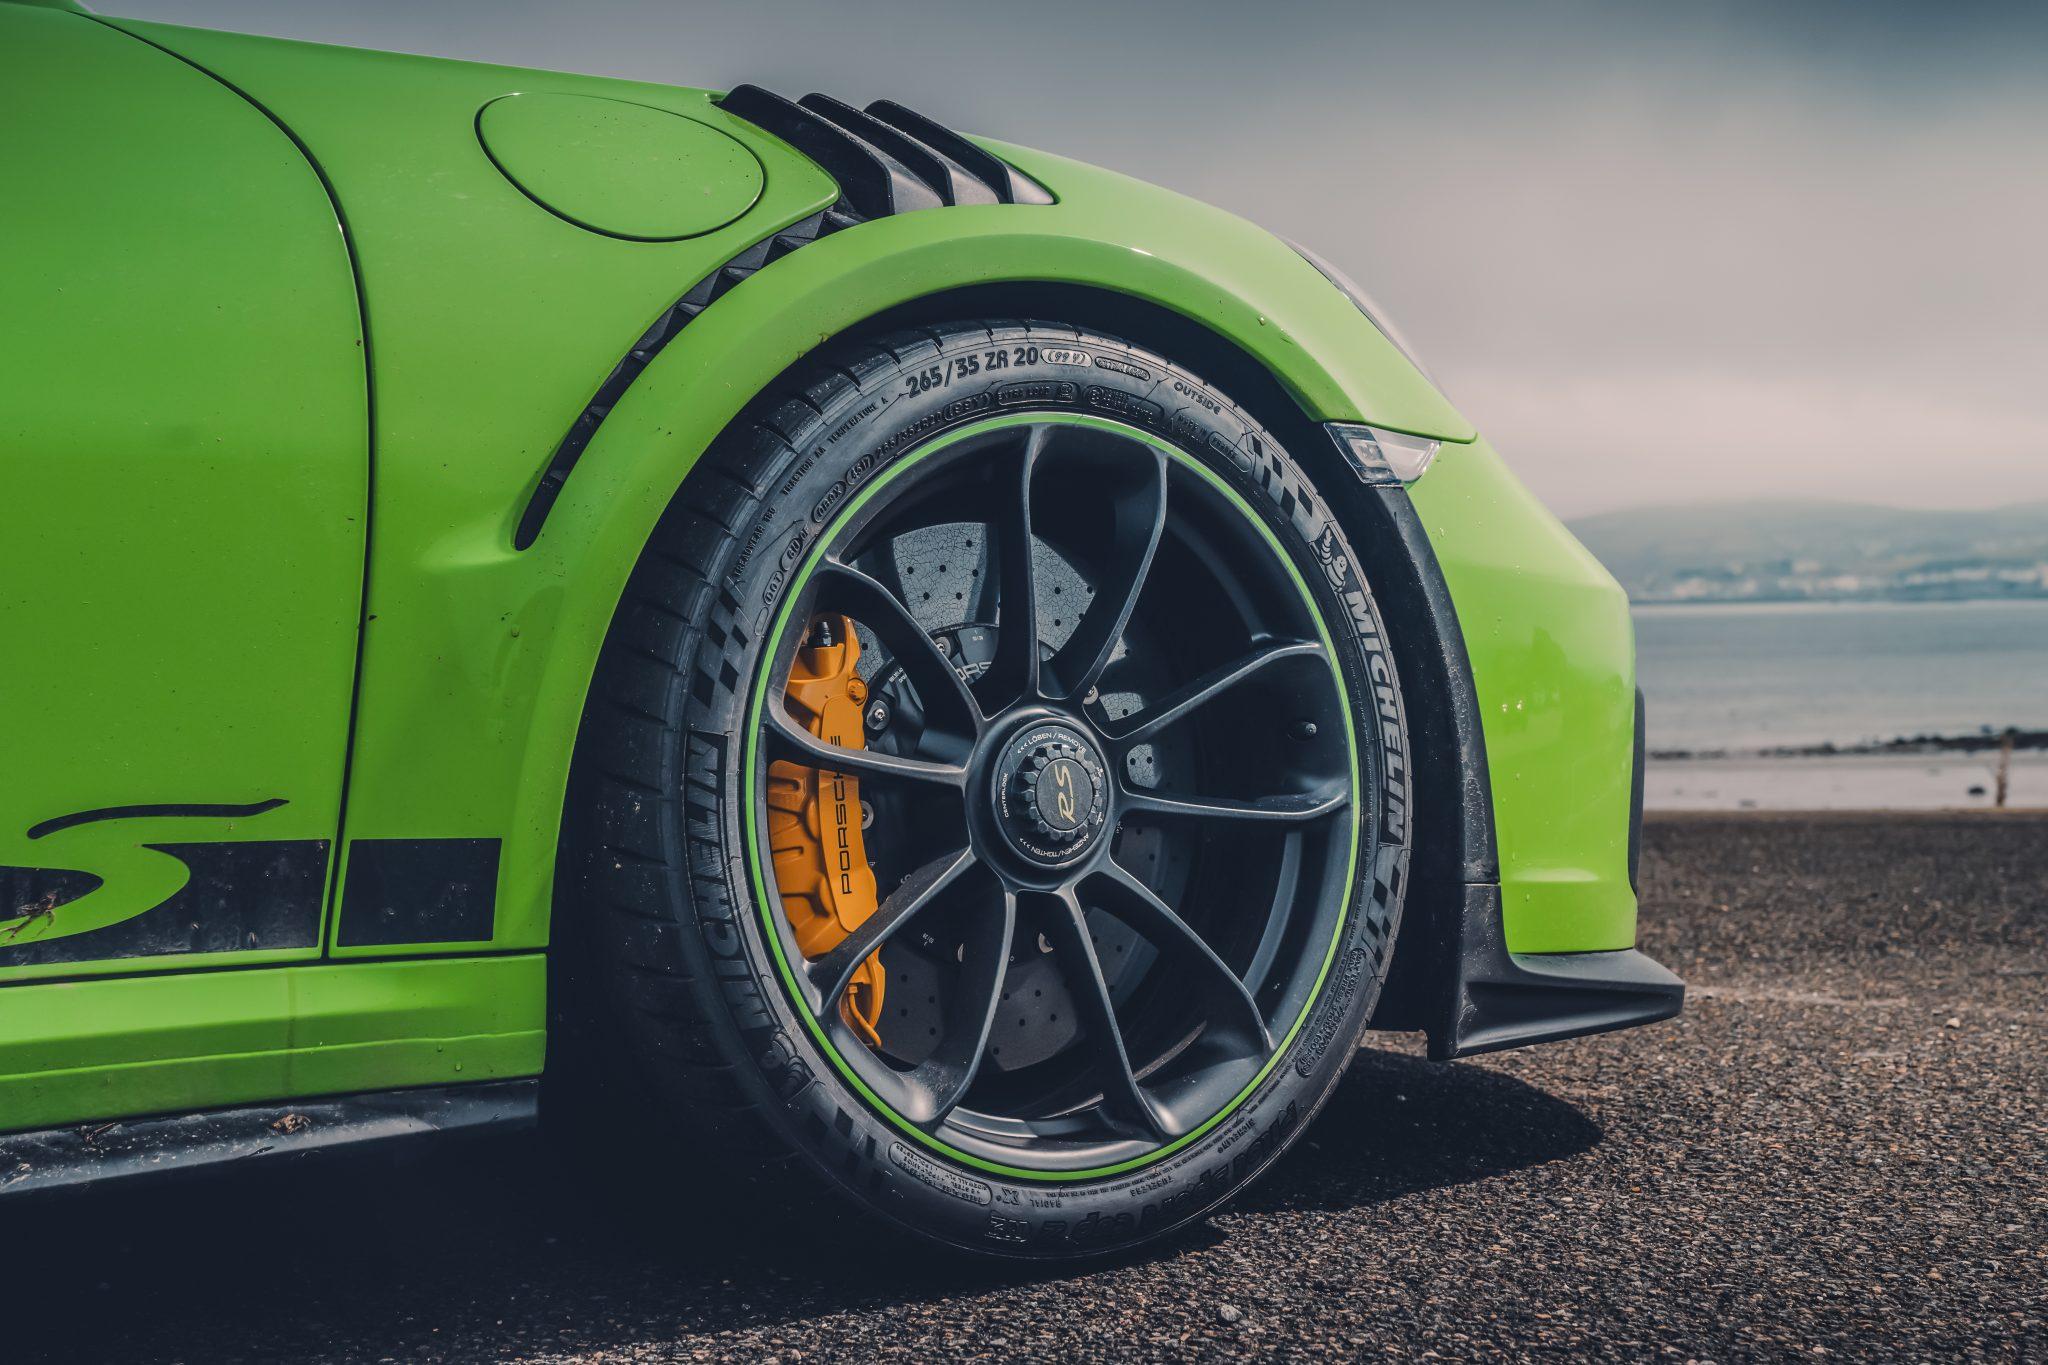 velg centerlock porsche 911 gt3 rs 991.2